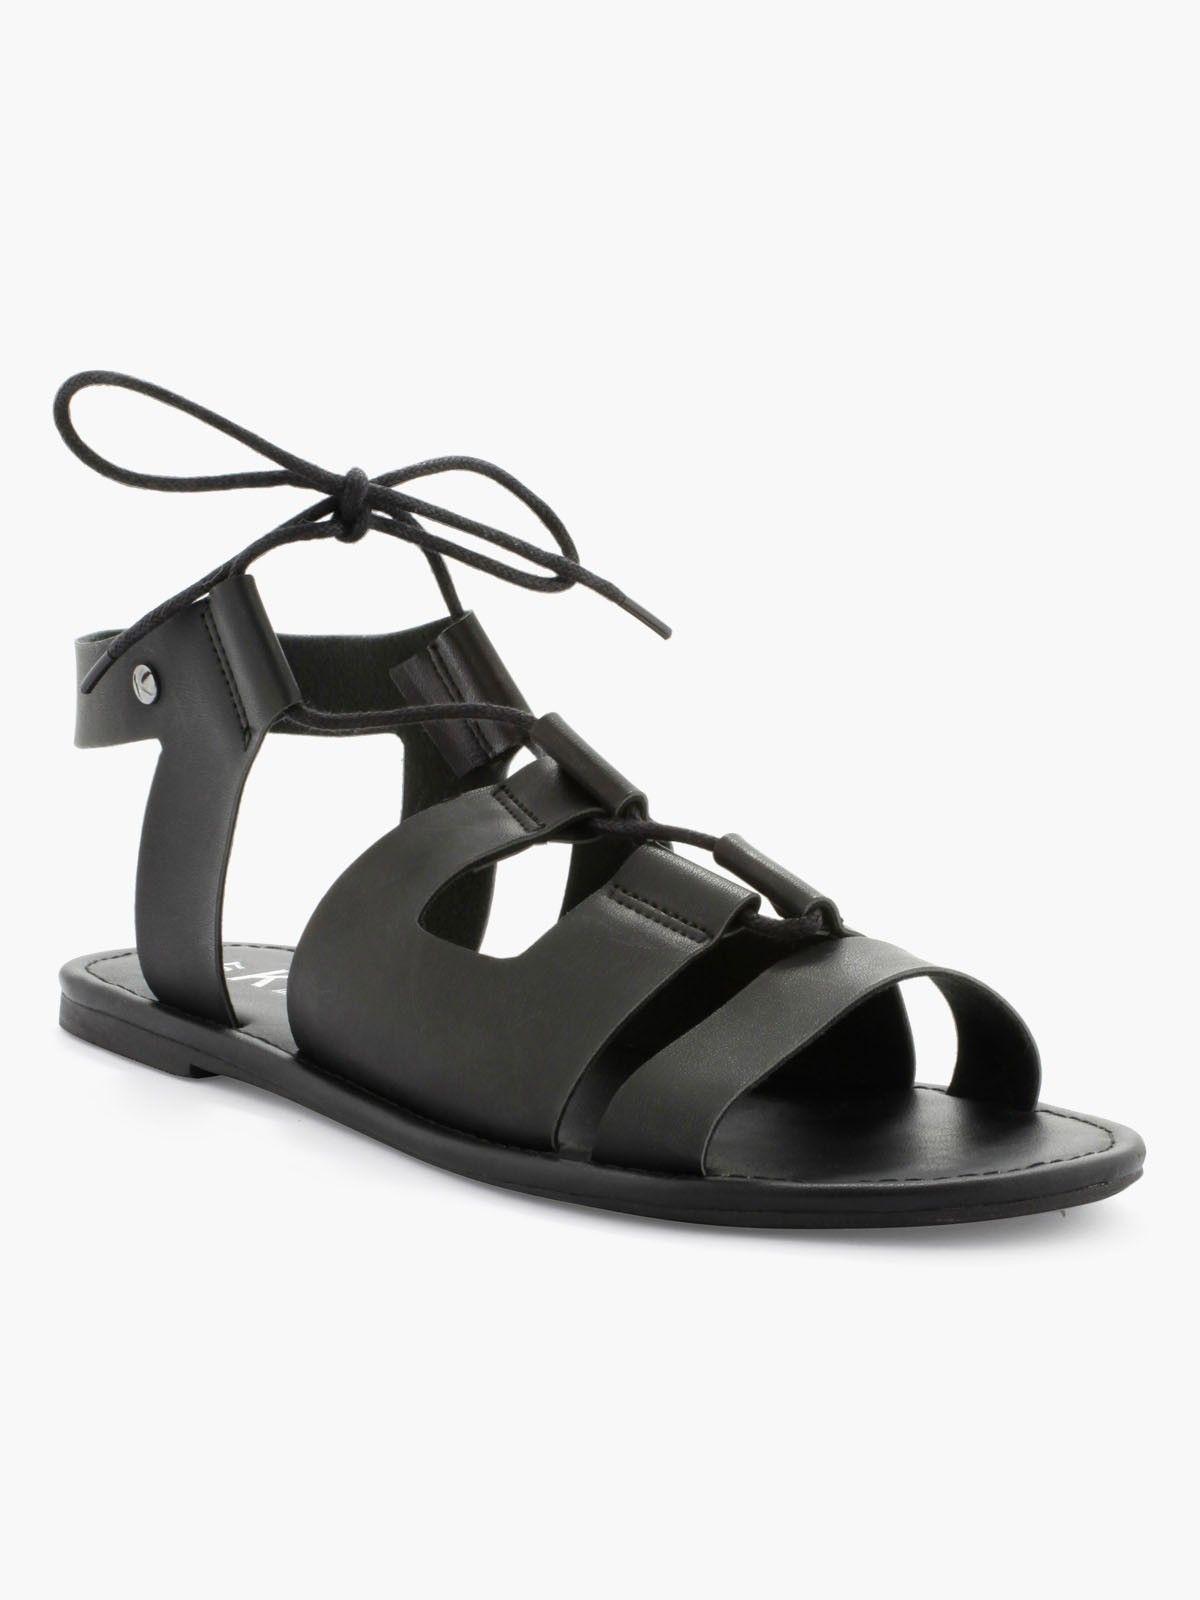 découvrez les caractéristiques du produit sandales plates avec